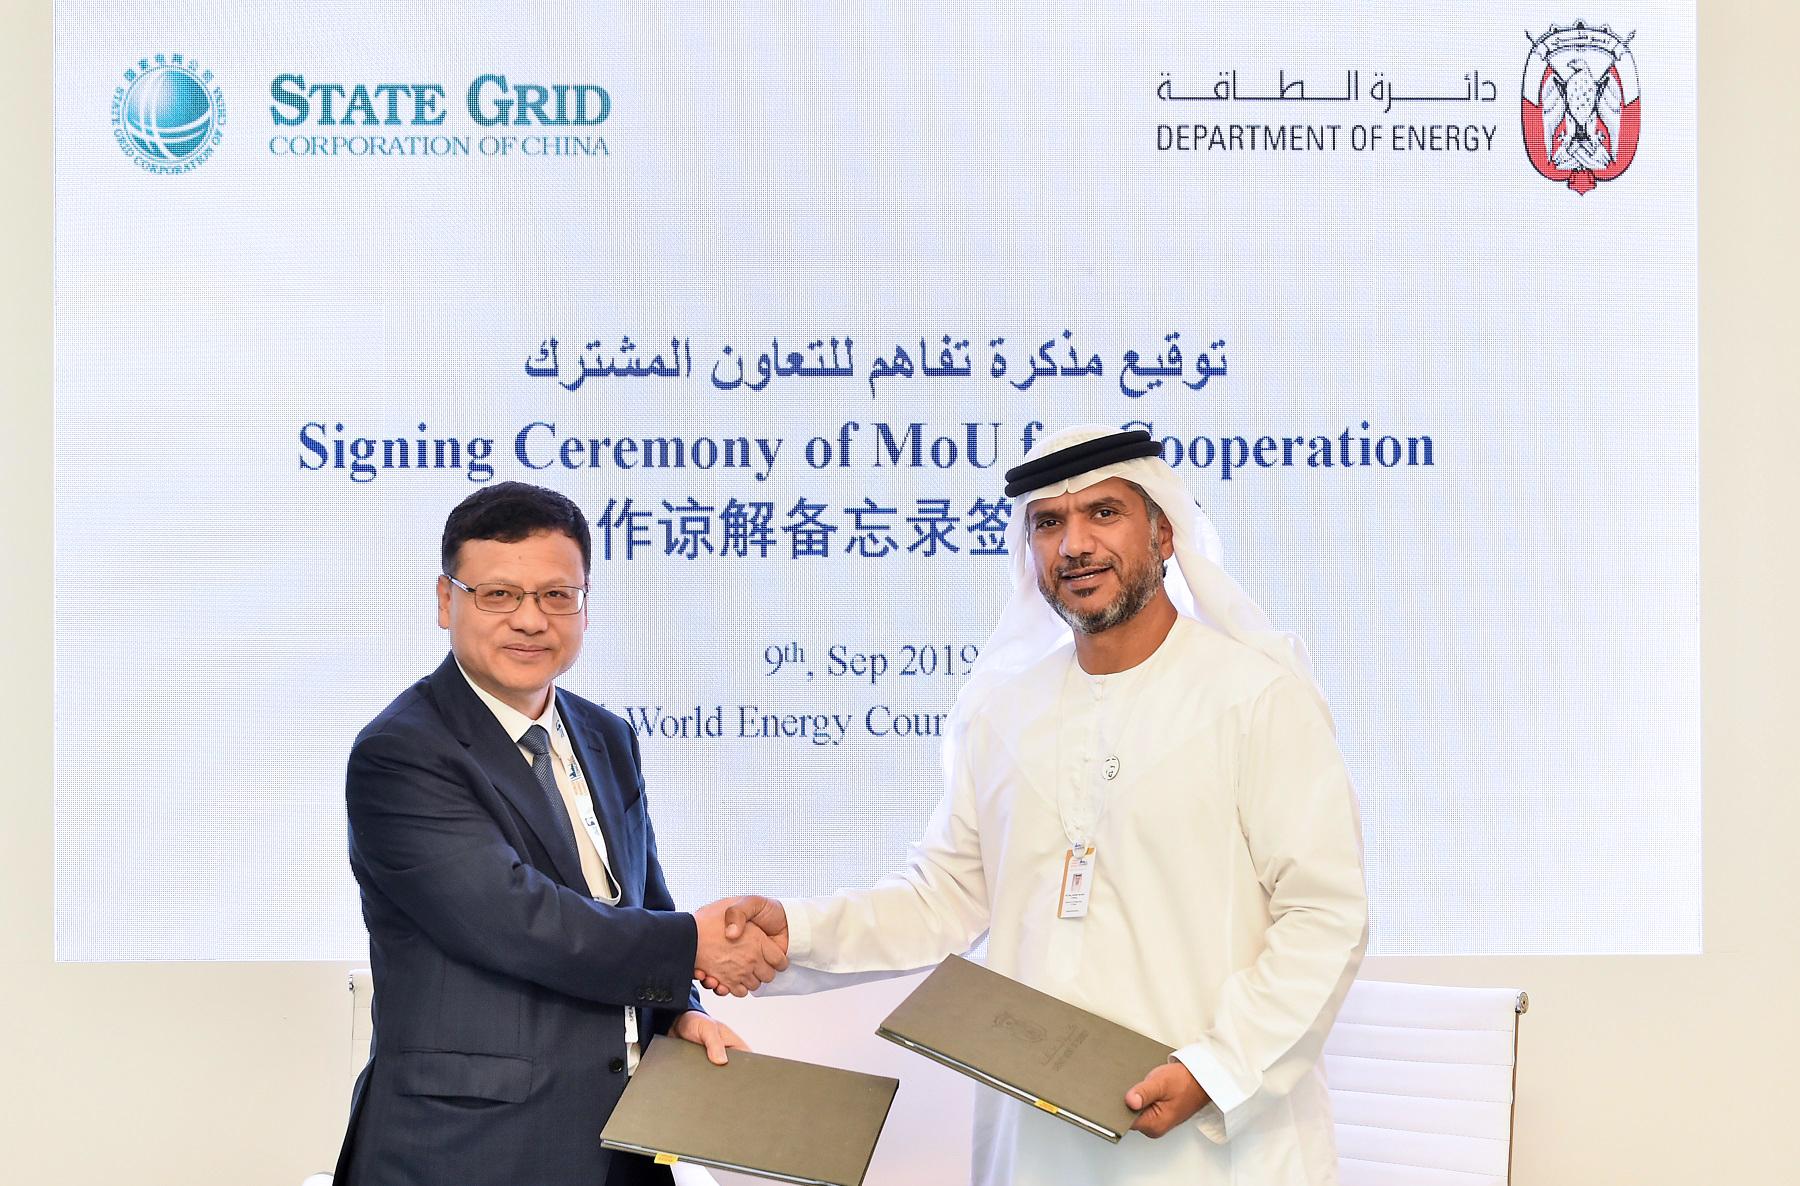 دائرة الطاقة في أبوظبي توقع مذكرة تفاهم مع شركة الكهرباء الصينية